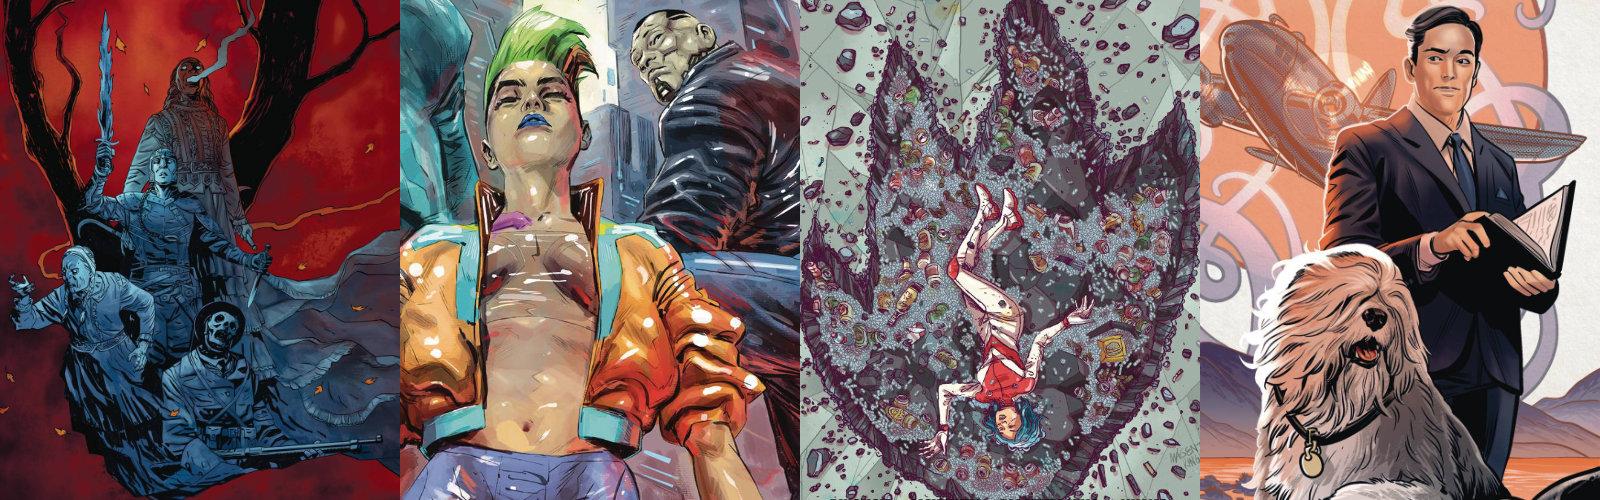 Solicitations: April 2021 – Dark Horse Comics